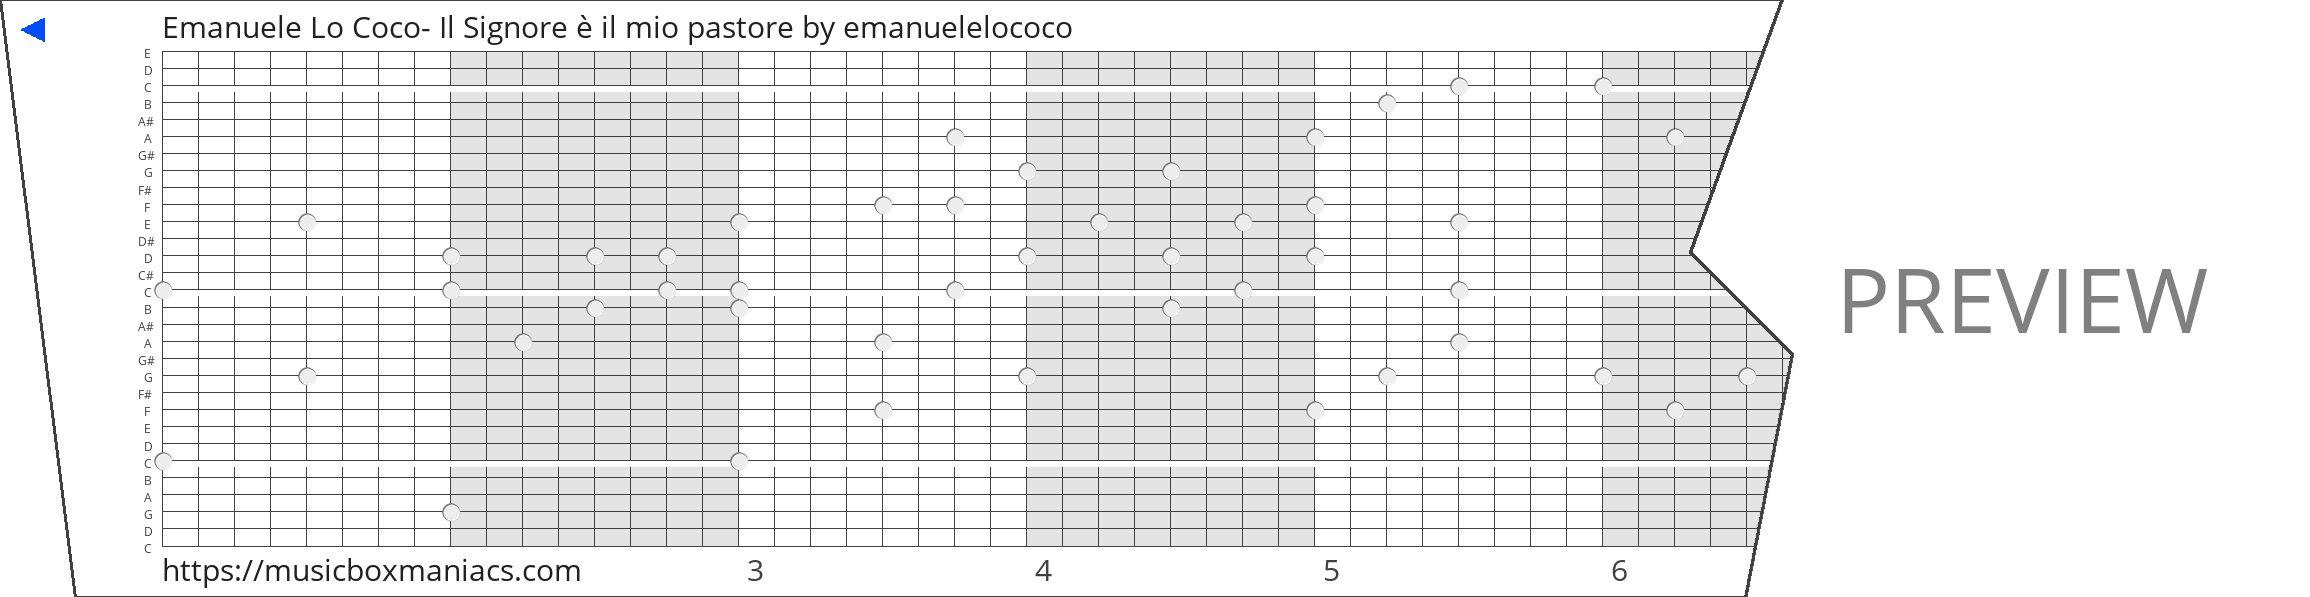 Emanuele Lo Coco- Il Signore è il mio pastore 30 note music box paper strip